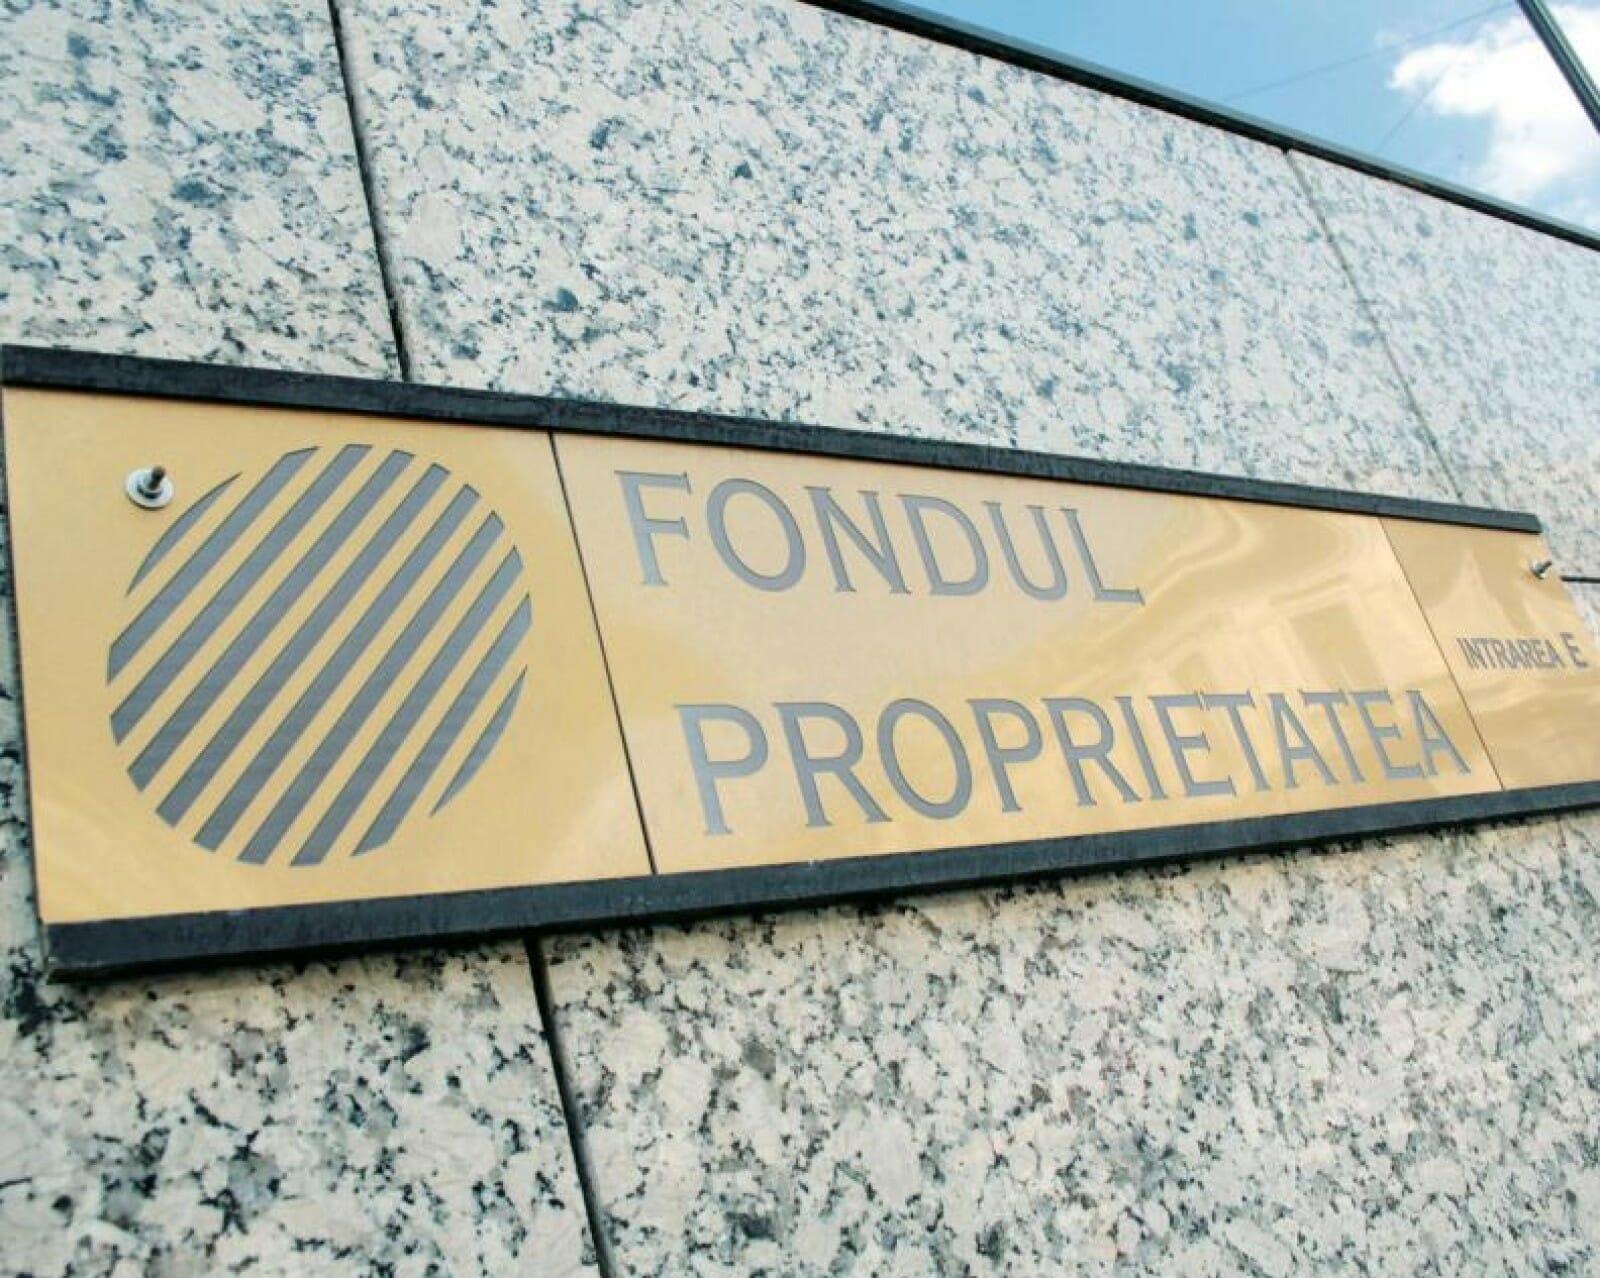 Fondul Proprietatea a avut în 2020 pierderi de 103 milioane lei, de la un profit de 3,12 miliarde lei în 2019